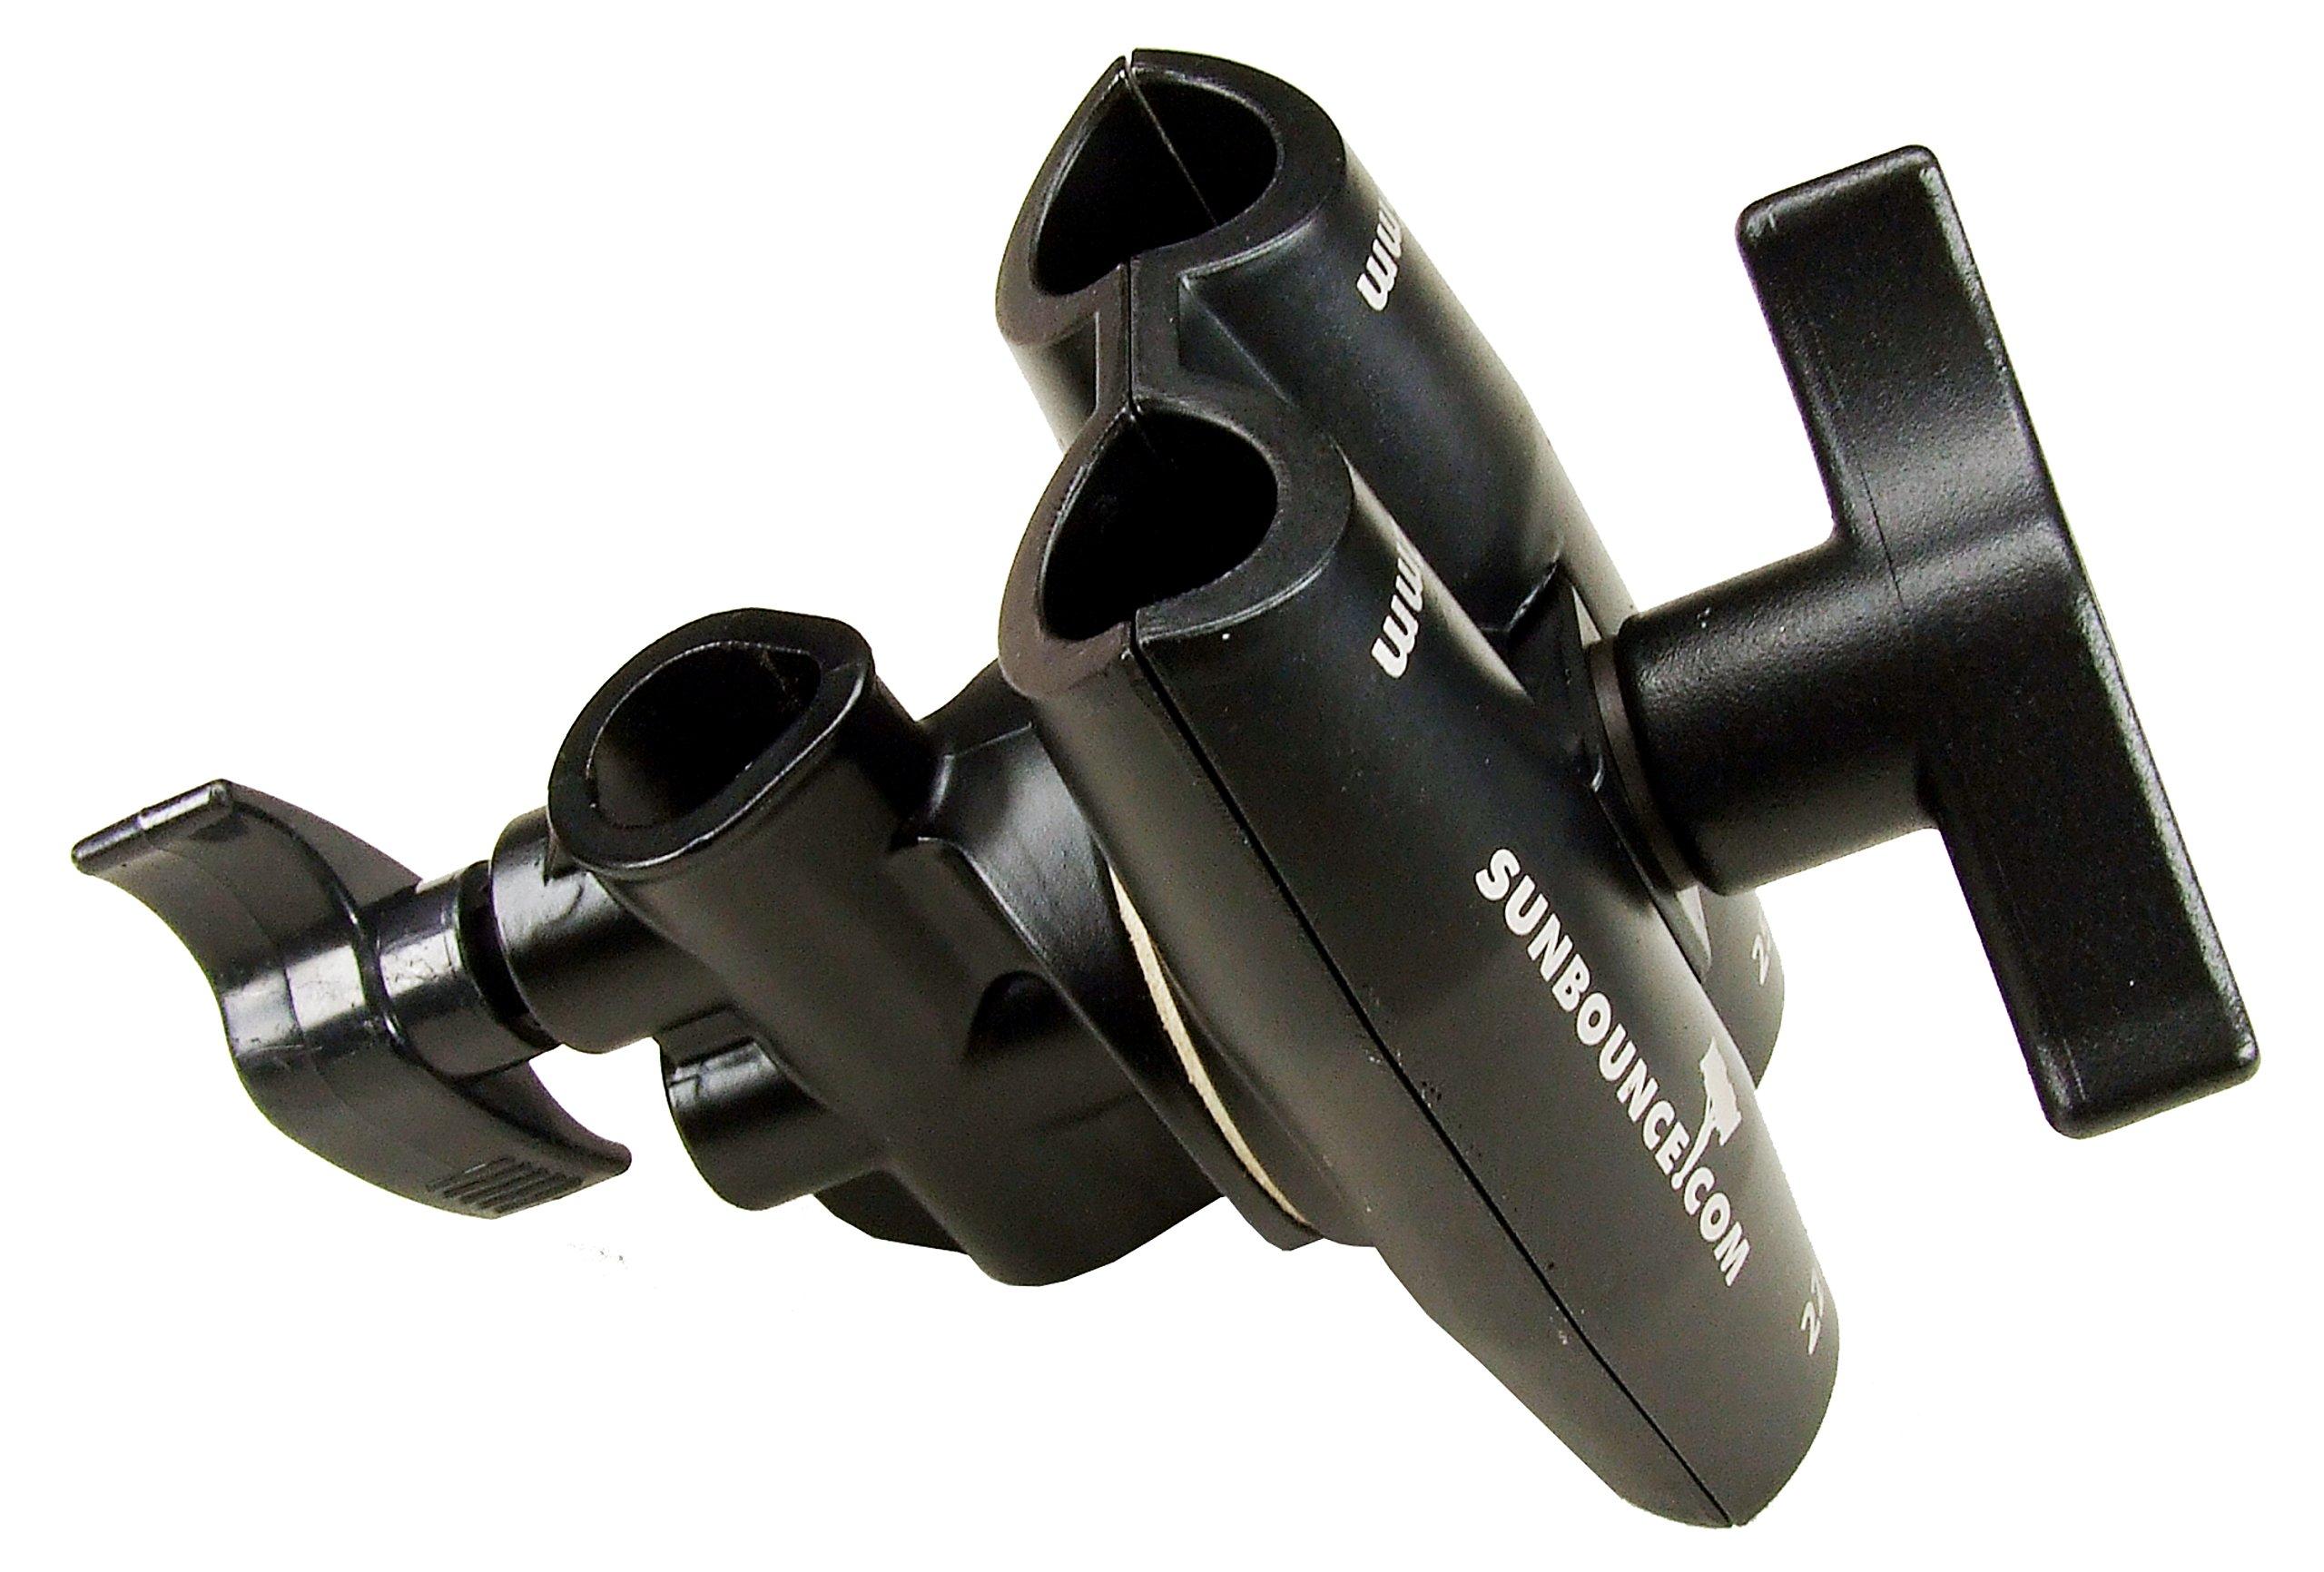 Grip-Head Enterprise for Sunbounce Reflectors